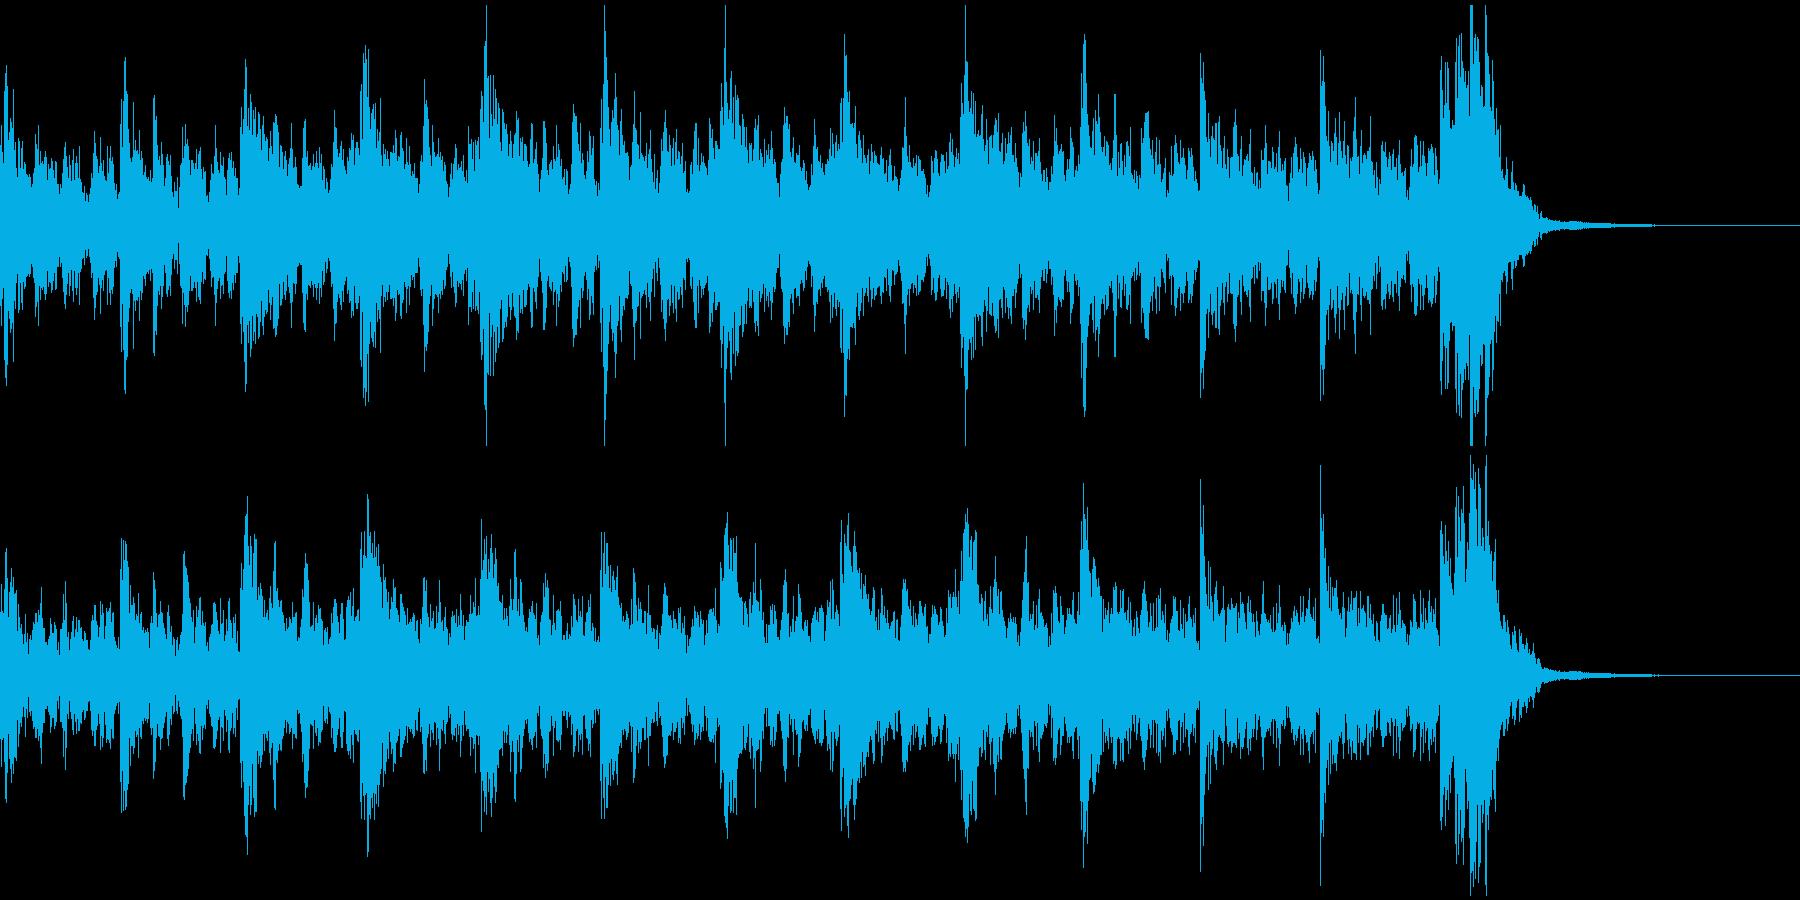 オーケストラ風味壮大なOPの再生済みの波形